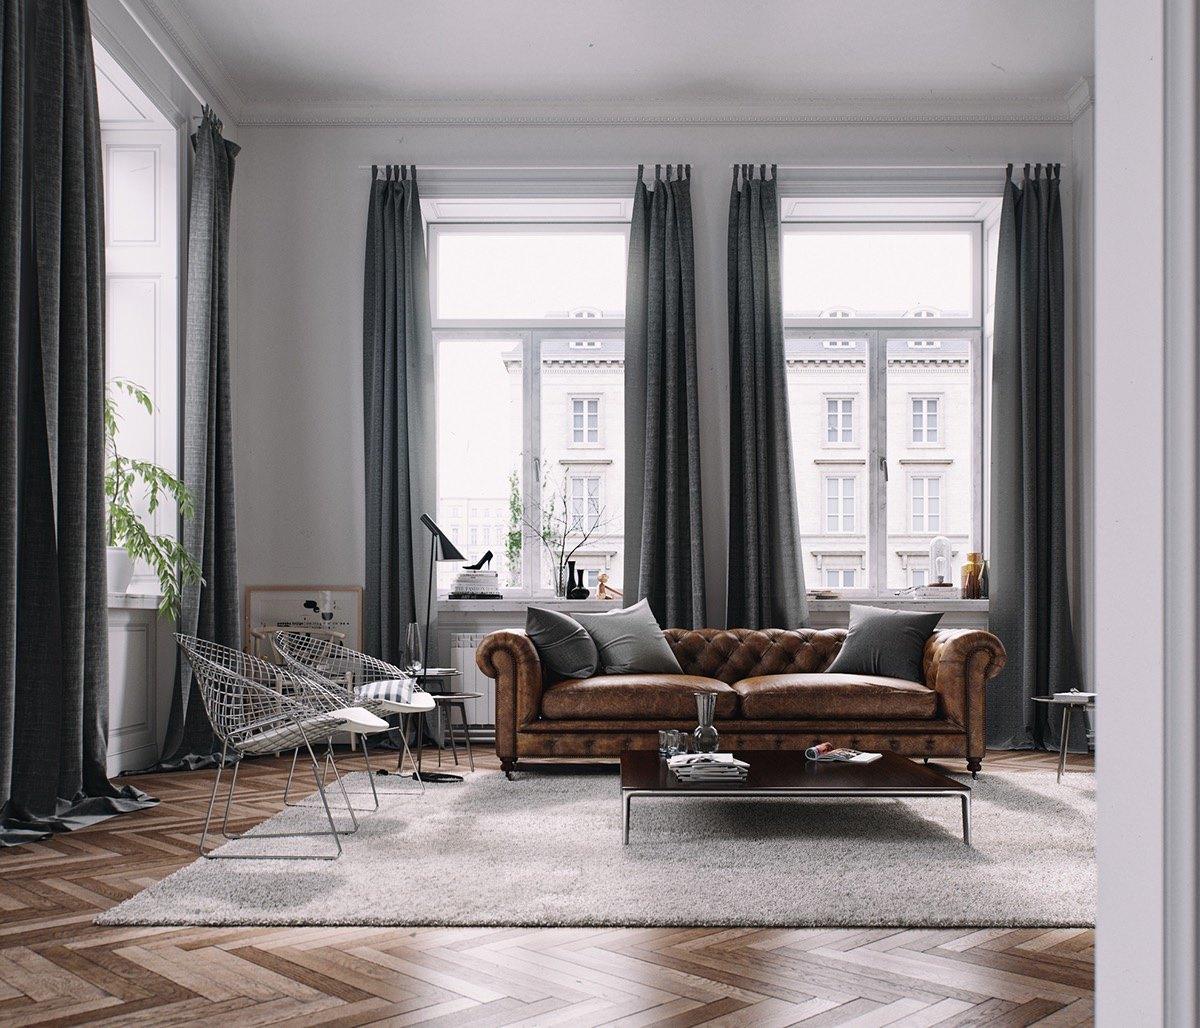 vintage-furniture-in-modern-living-room